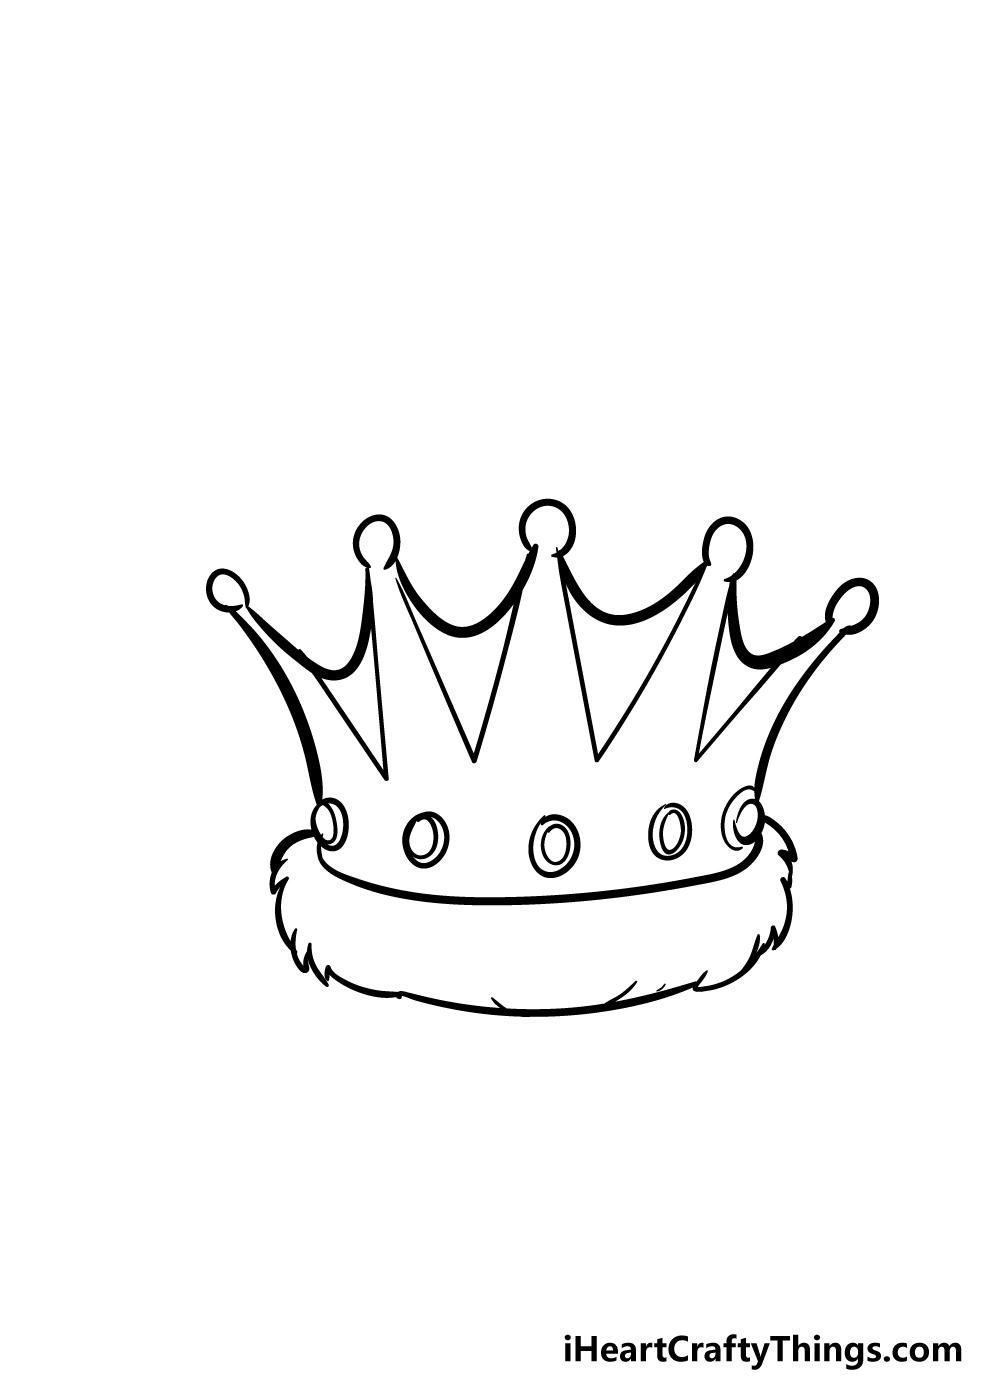 crown drawing step 5